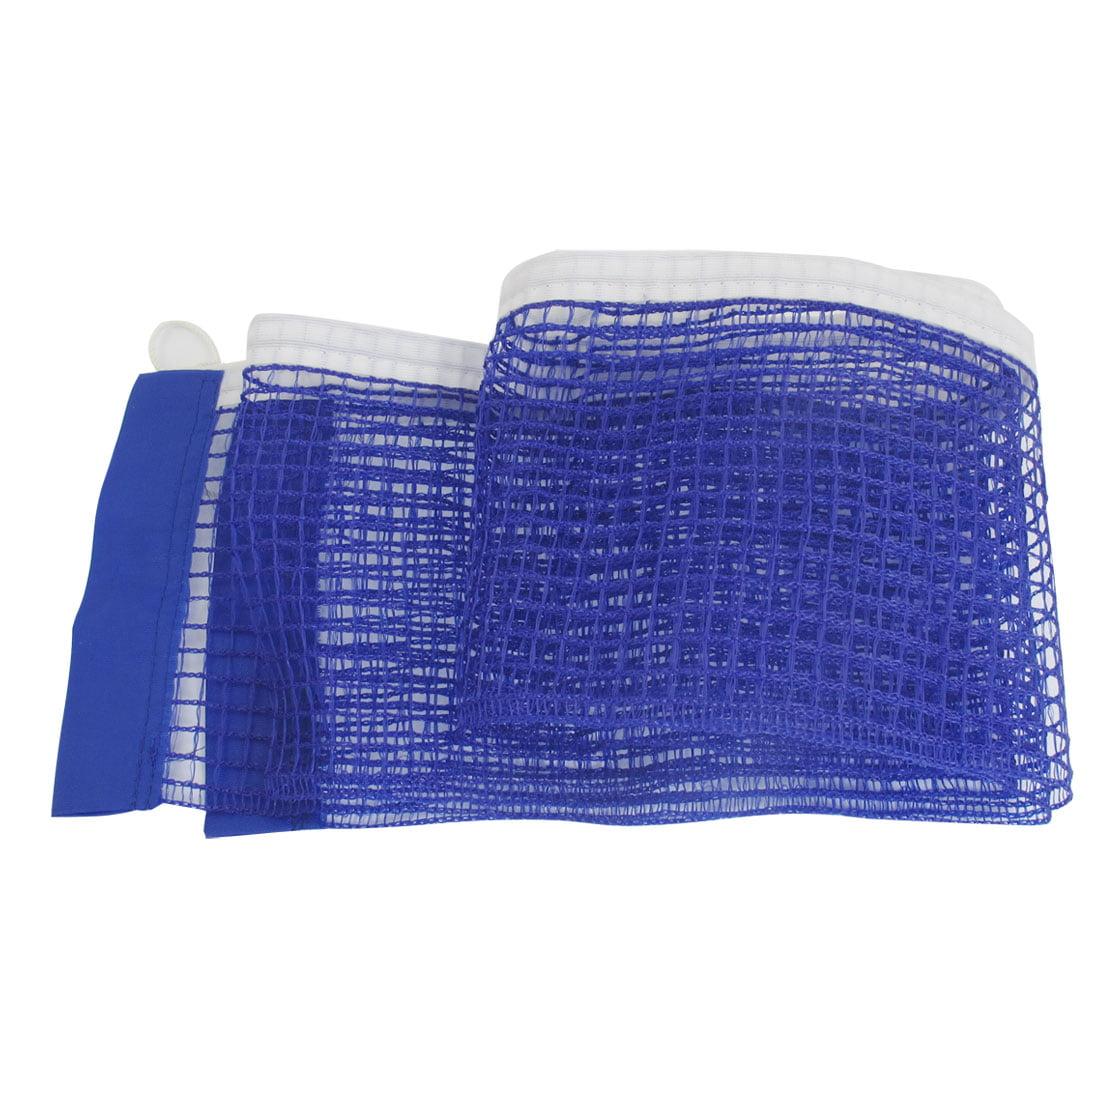 """70.9"""" x 5.6"""" Portable Meshy Braided Nylon Ping Pong Net Table Tennis Net Blue"""